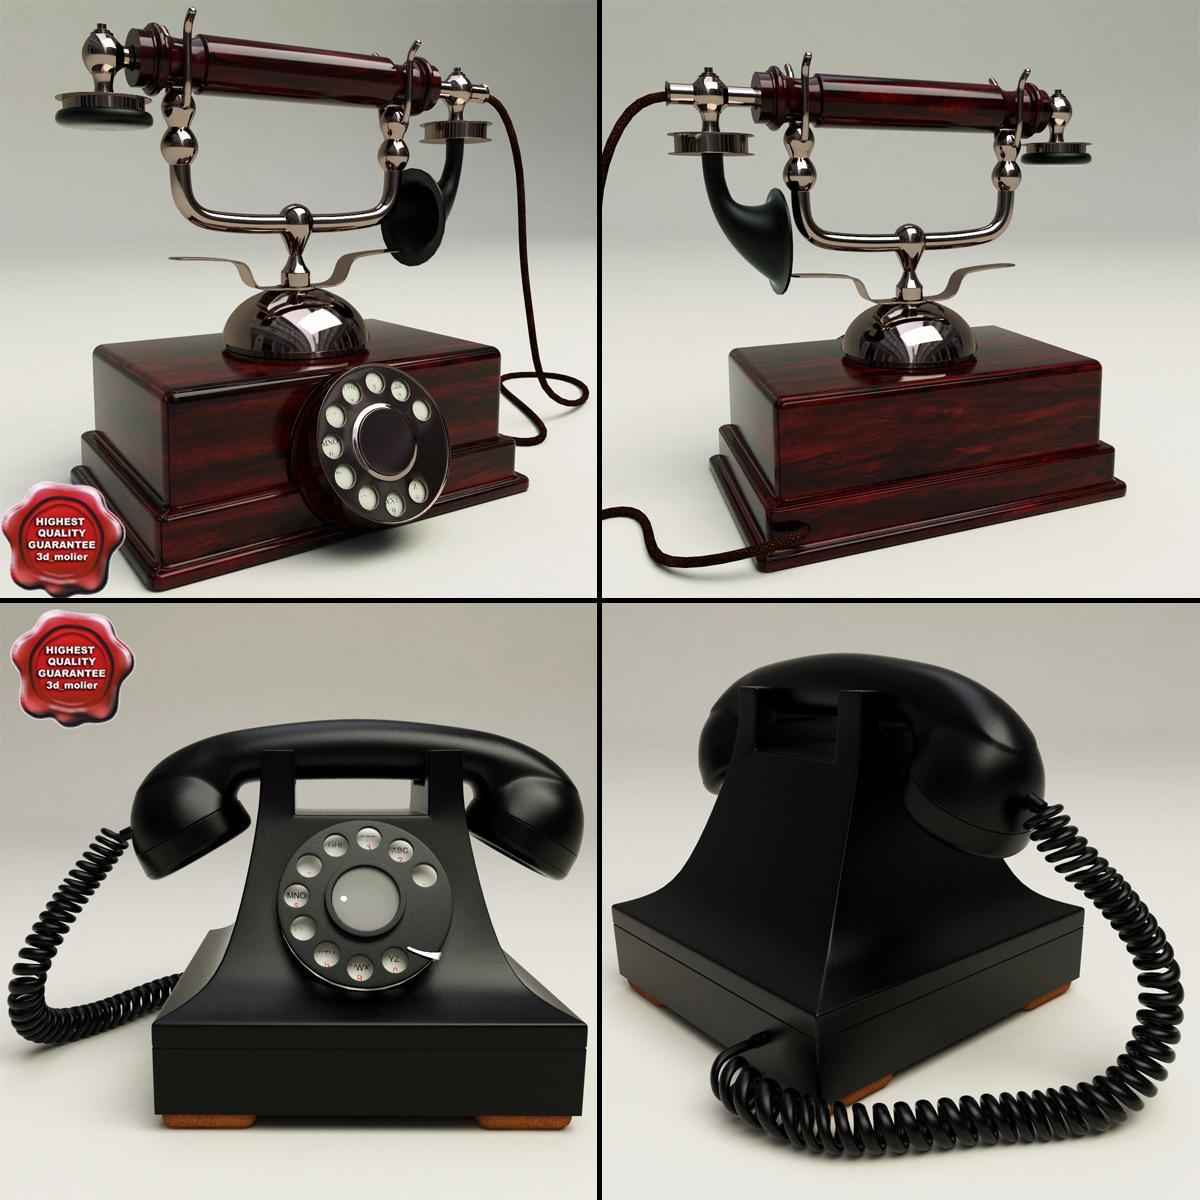 Retro_Phones_Collection_00.jpg